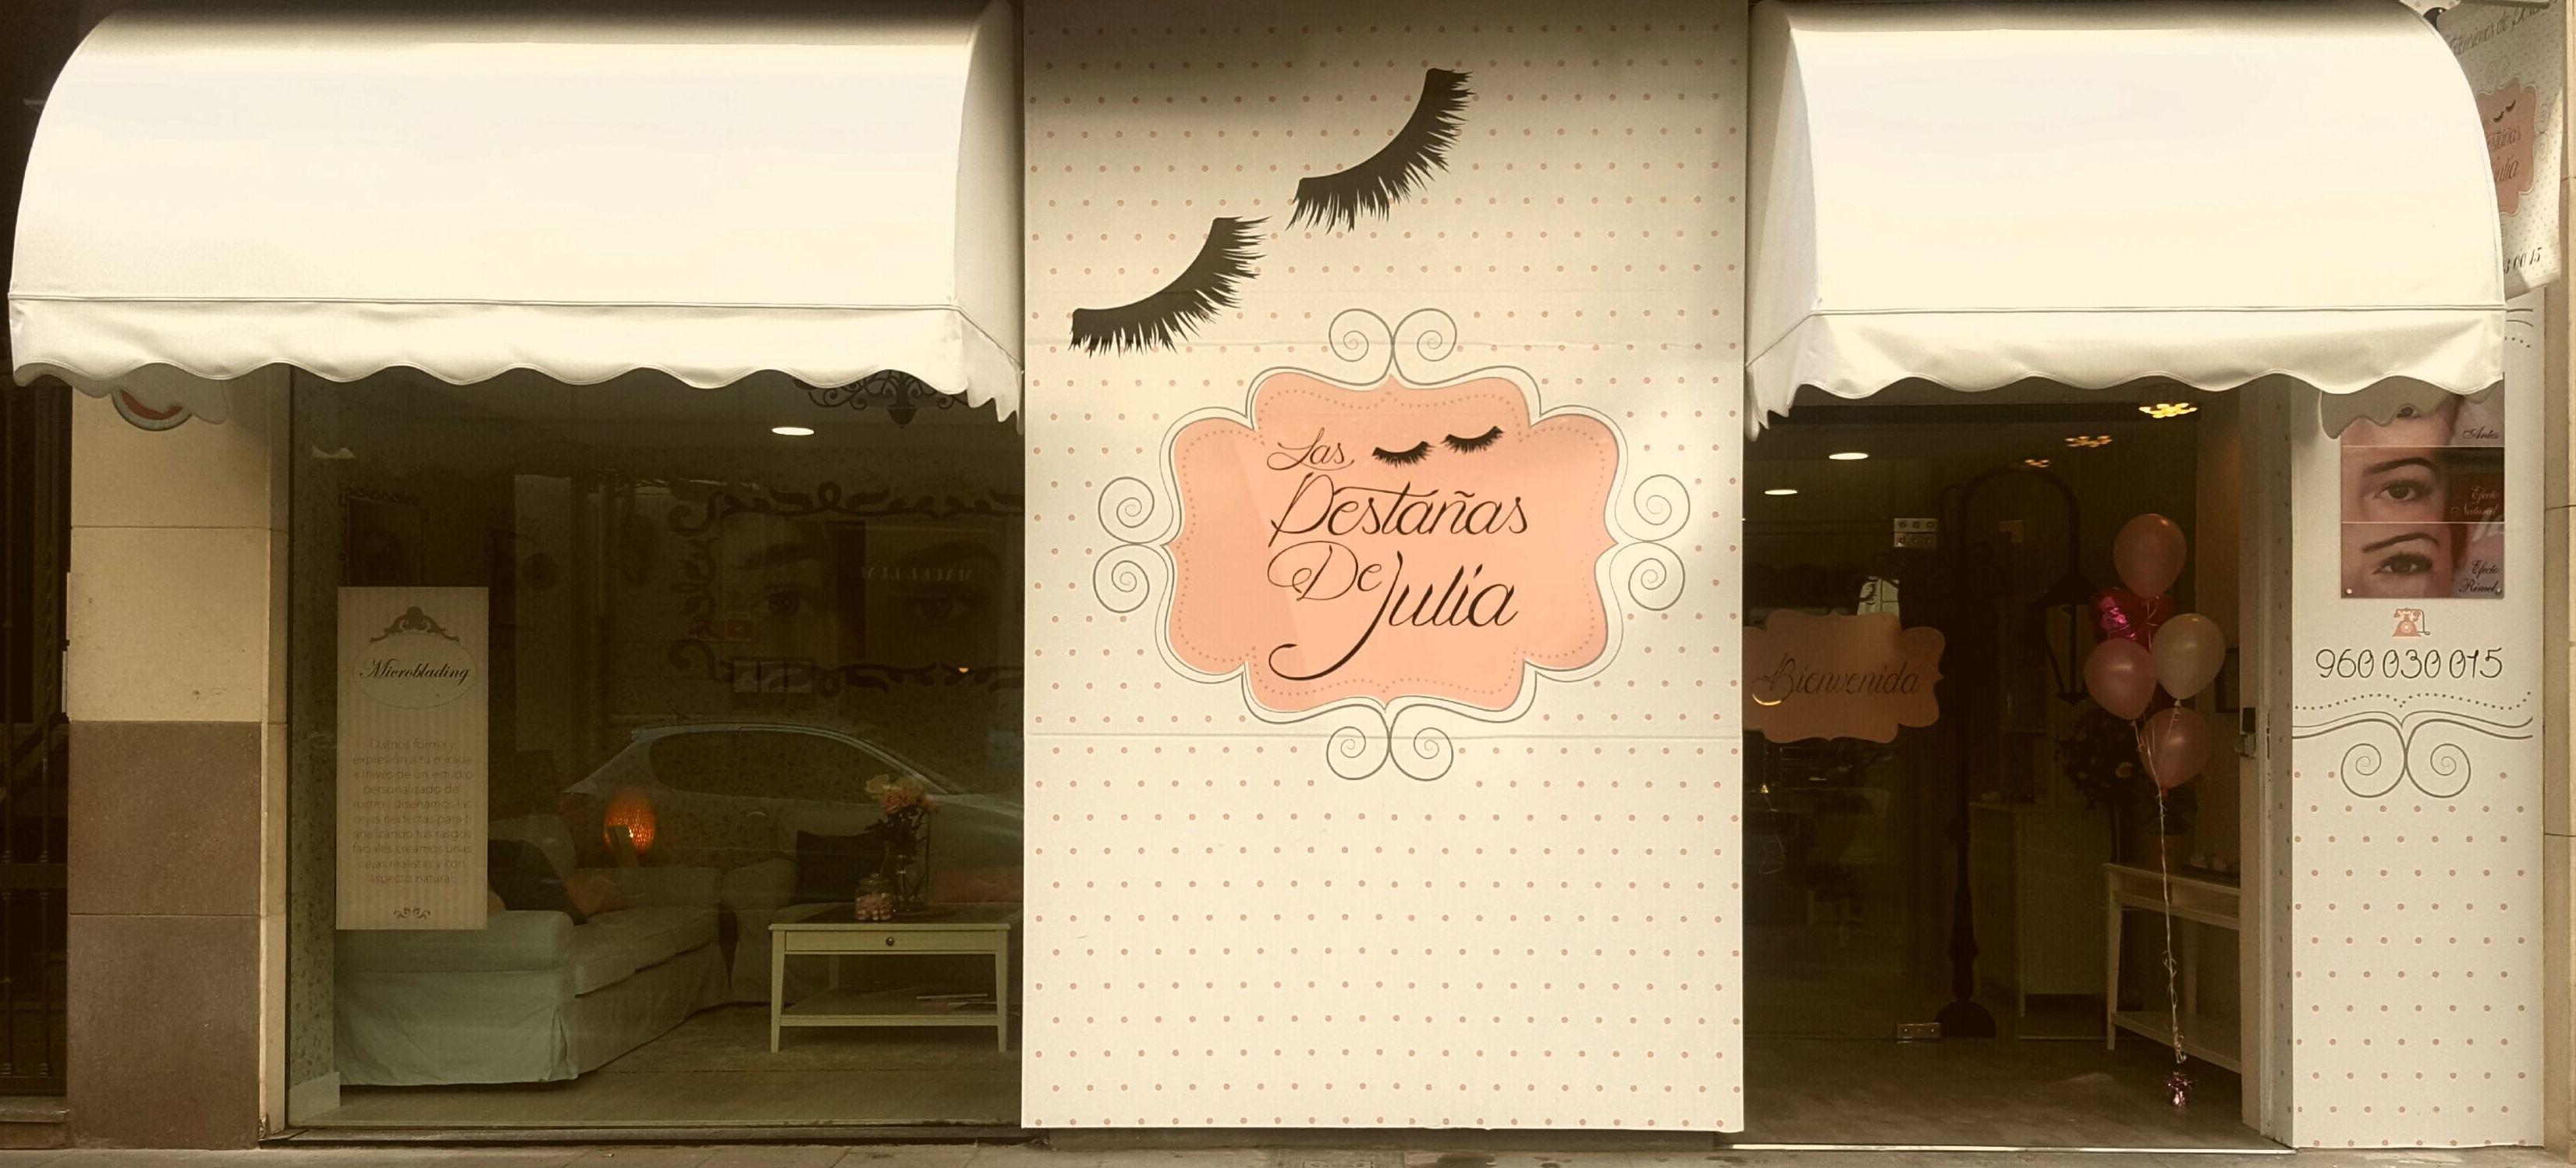 Foto 14 de Centros de estética en València | Las Pestañas de Julia. Calle Conde Salvatierra 8